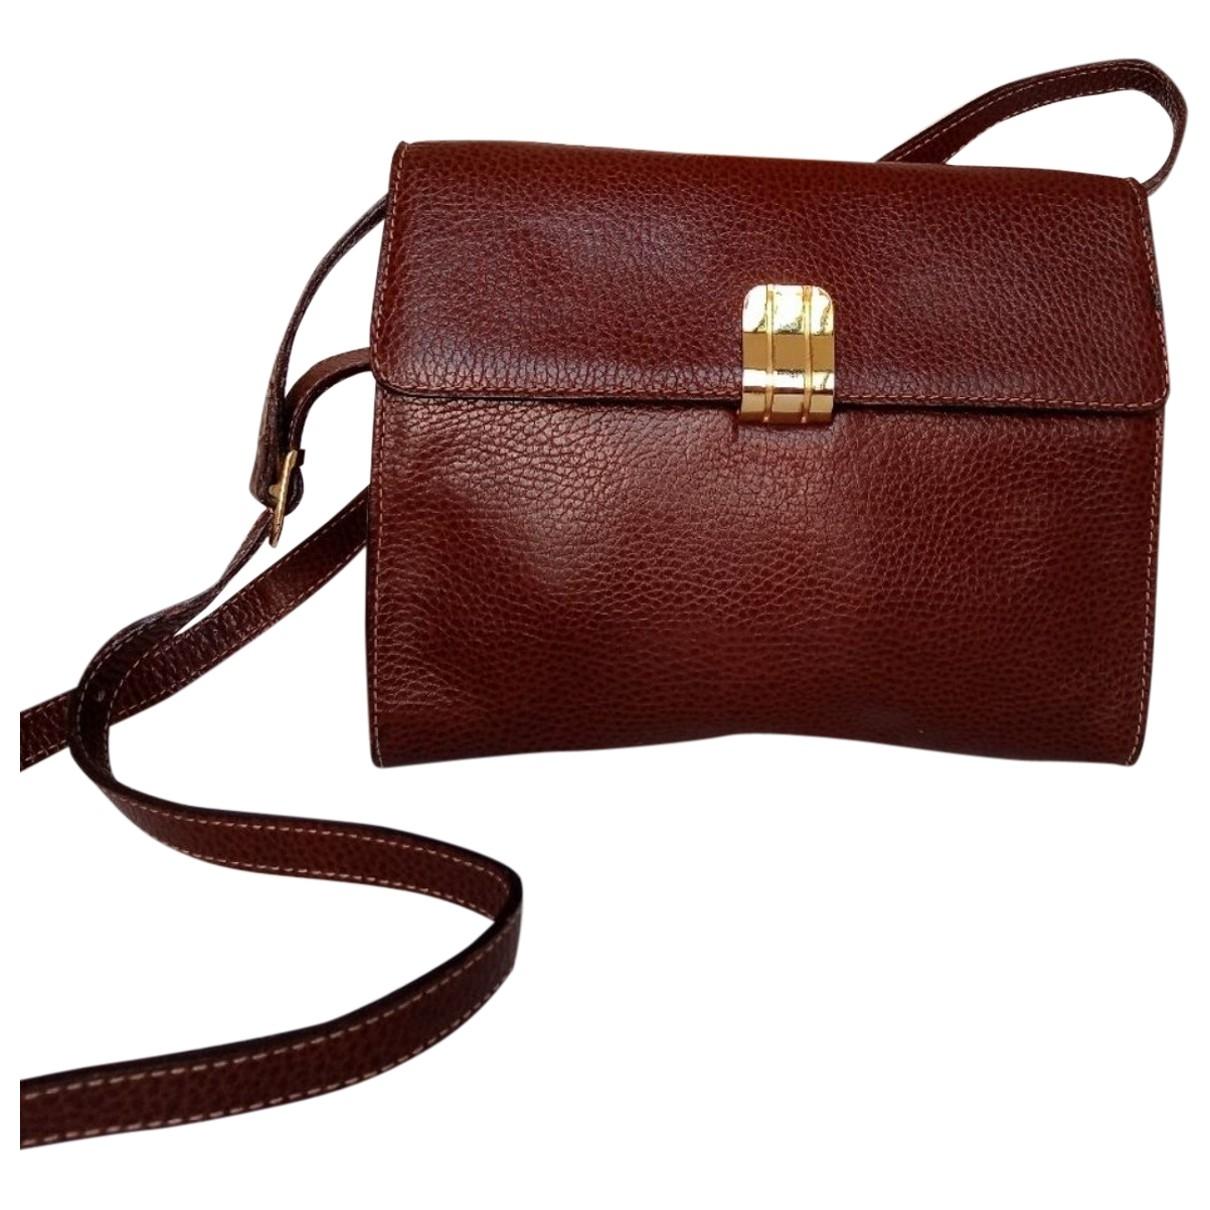 Emanuel Ungaro \N Brown Leather handbag for Women \N